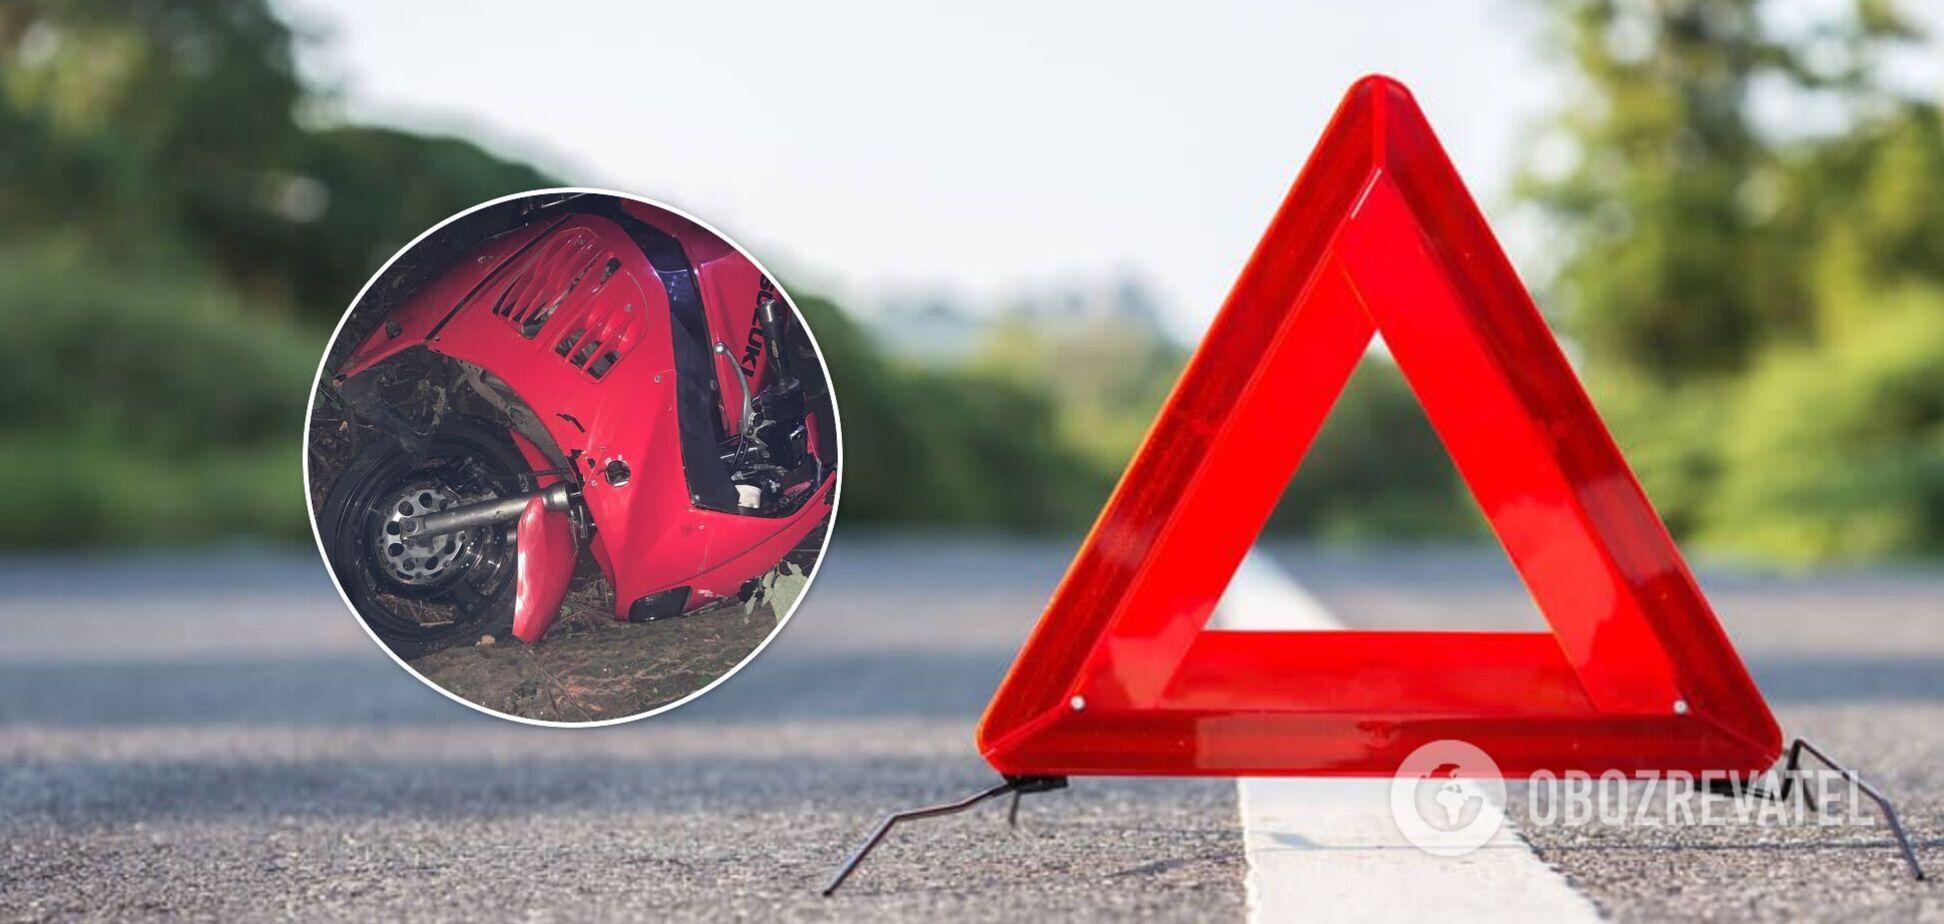 На Львовщине 16-летний парень слетел с мотоцикла и разбился насмерть. Фото